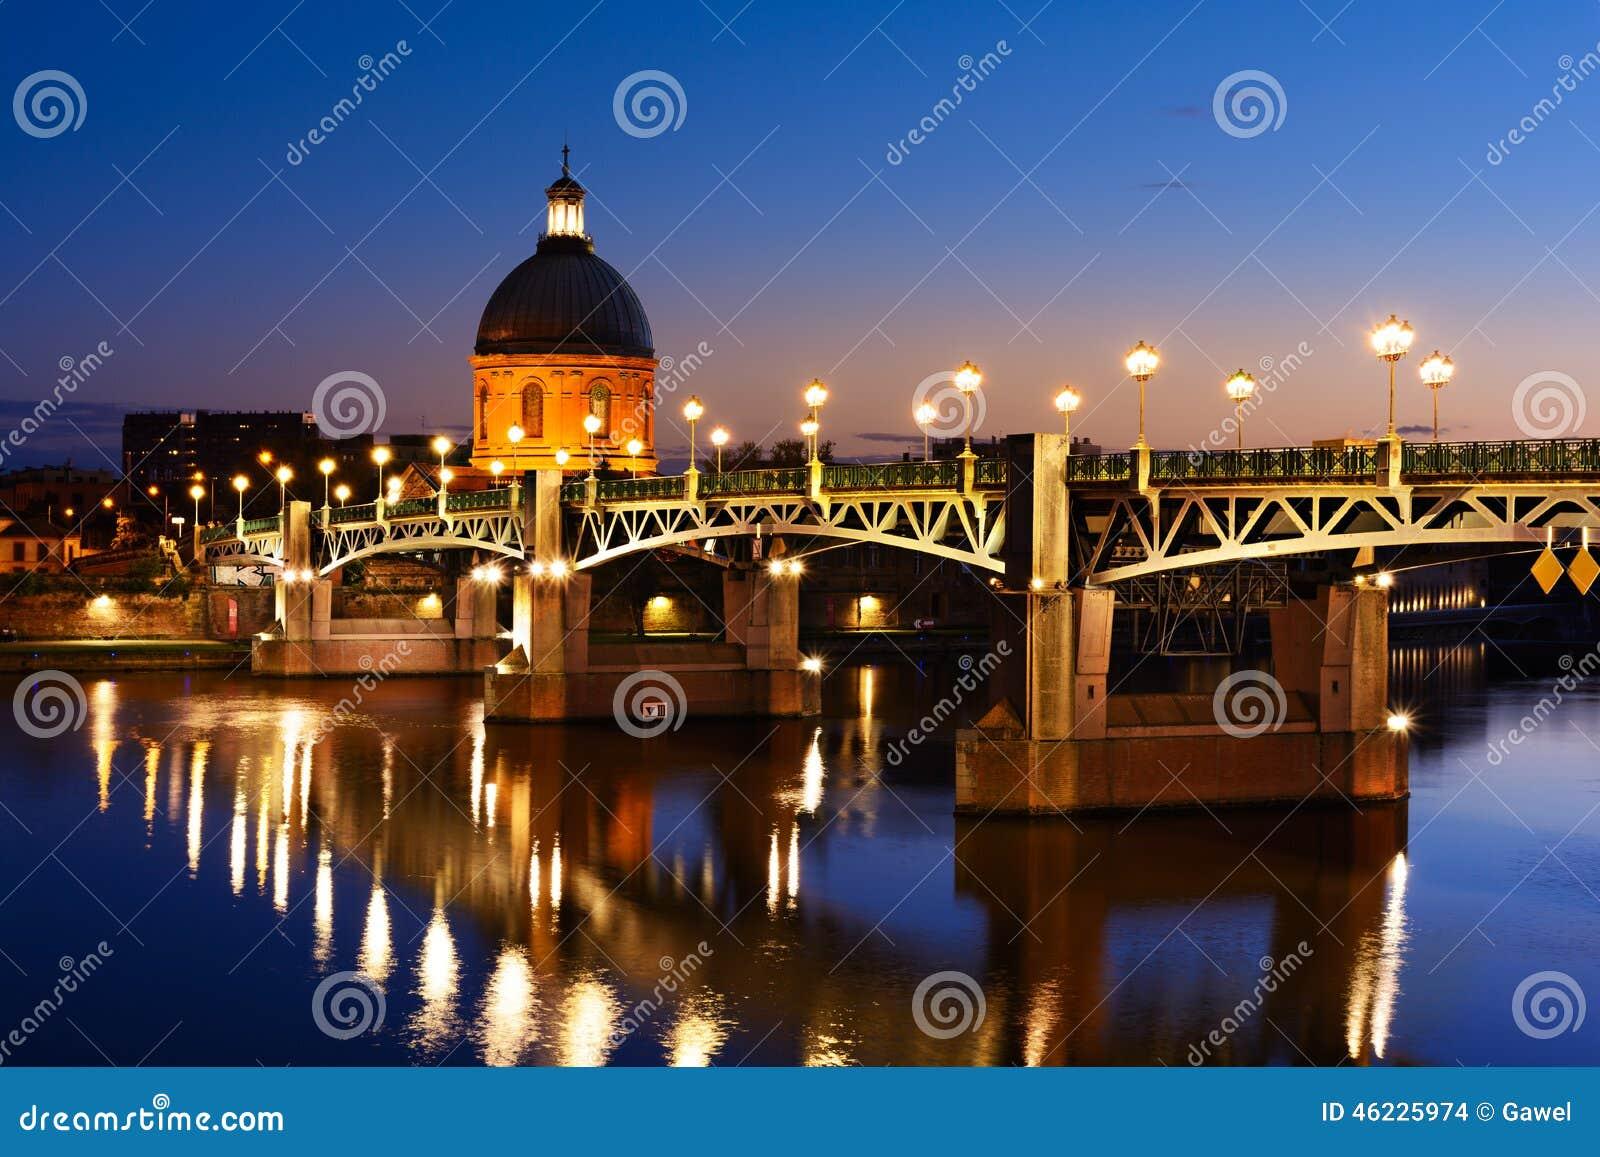 Μπλε ώρα στη γέφυρα της Τουλούζης, Τουλούζη, Γαλλία